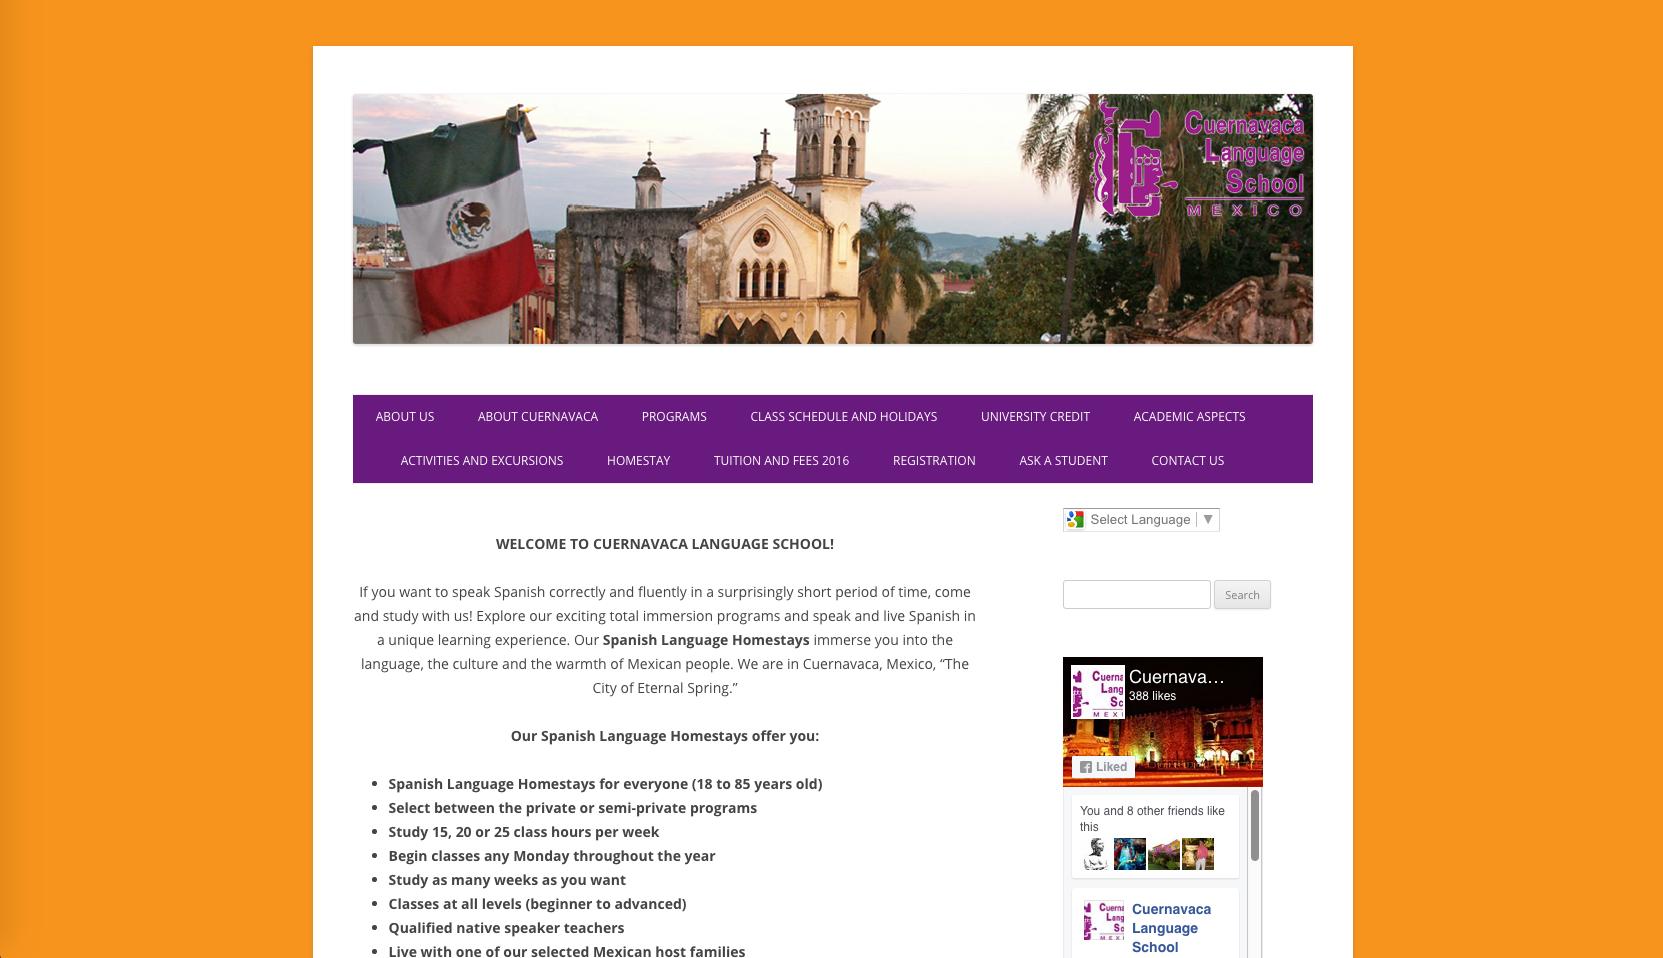 ogal.com.mx